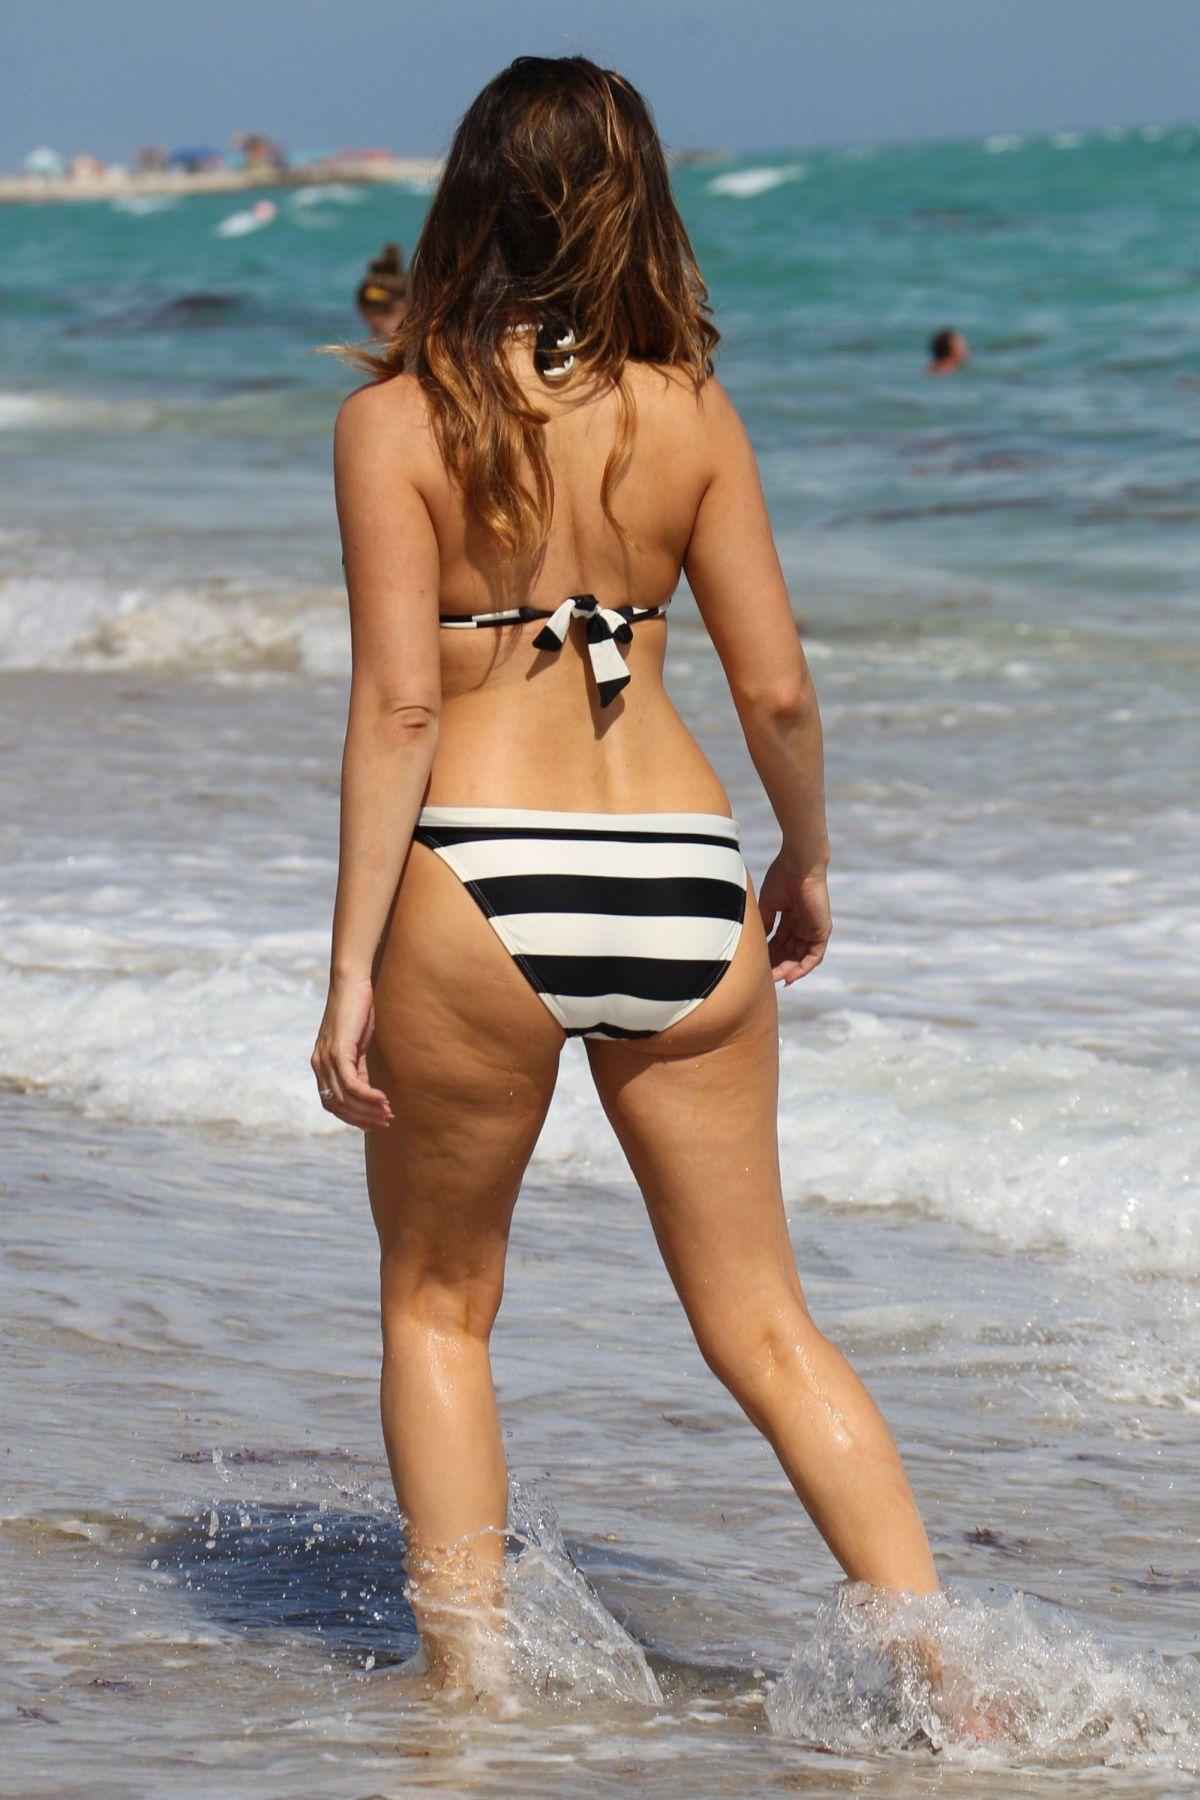 KELLY BROOK in Striped Bikini on the Beach In Miami - HawtCelebs